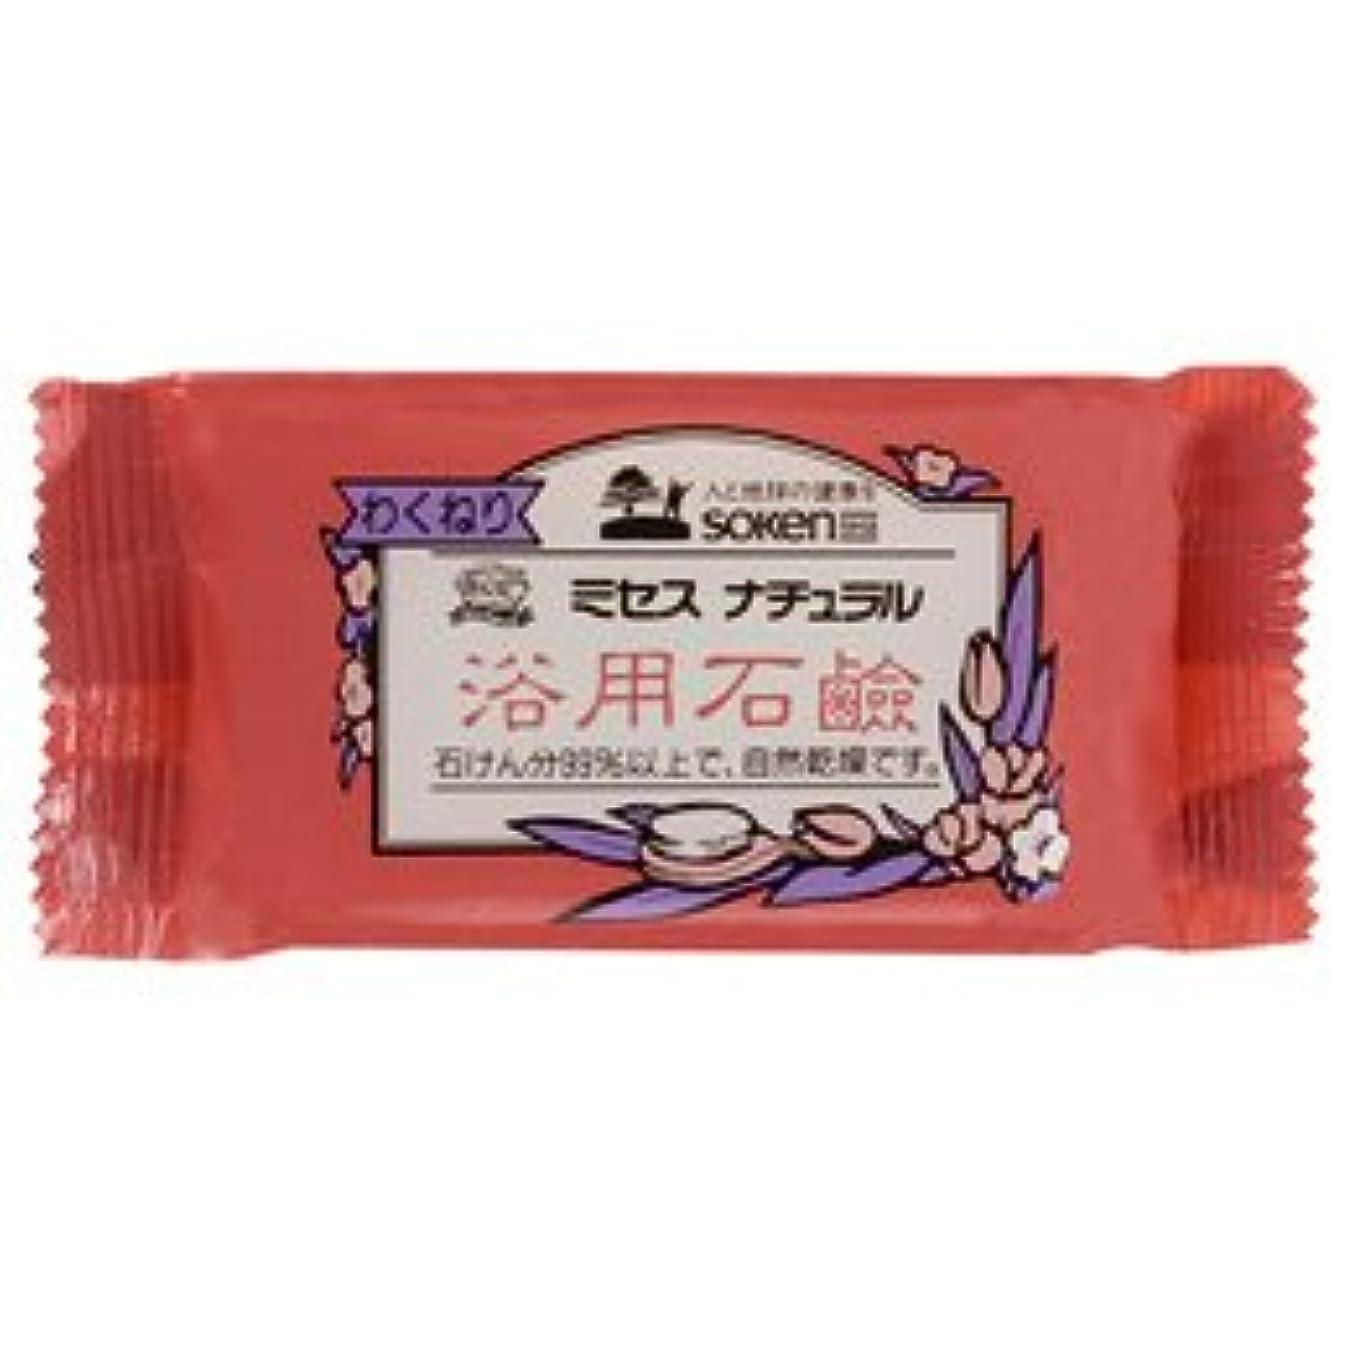 八注釈を付ける転倒創健社 ミセスナチュラル 浴用石鹸 110g ケース(120個入)